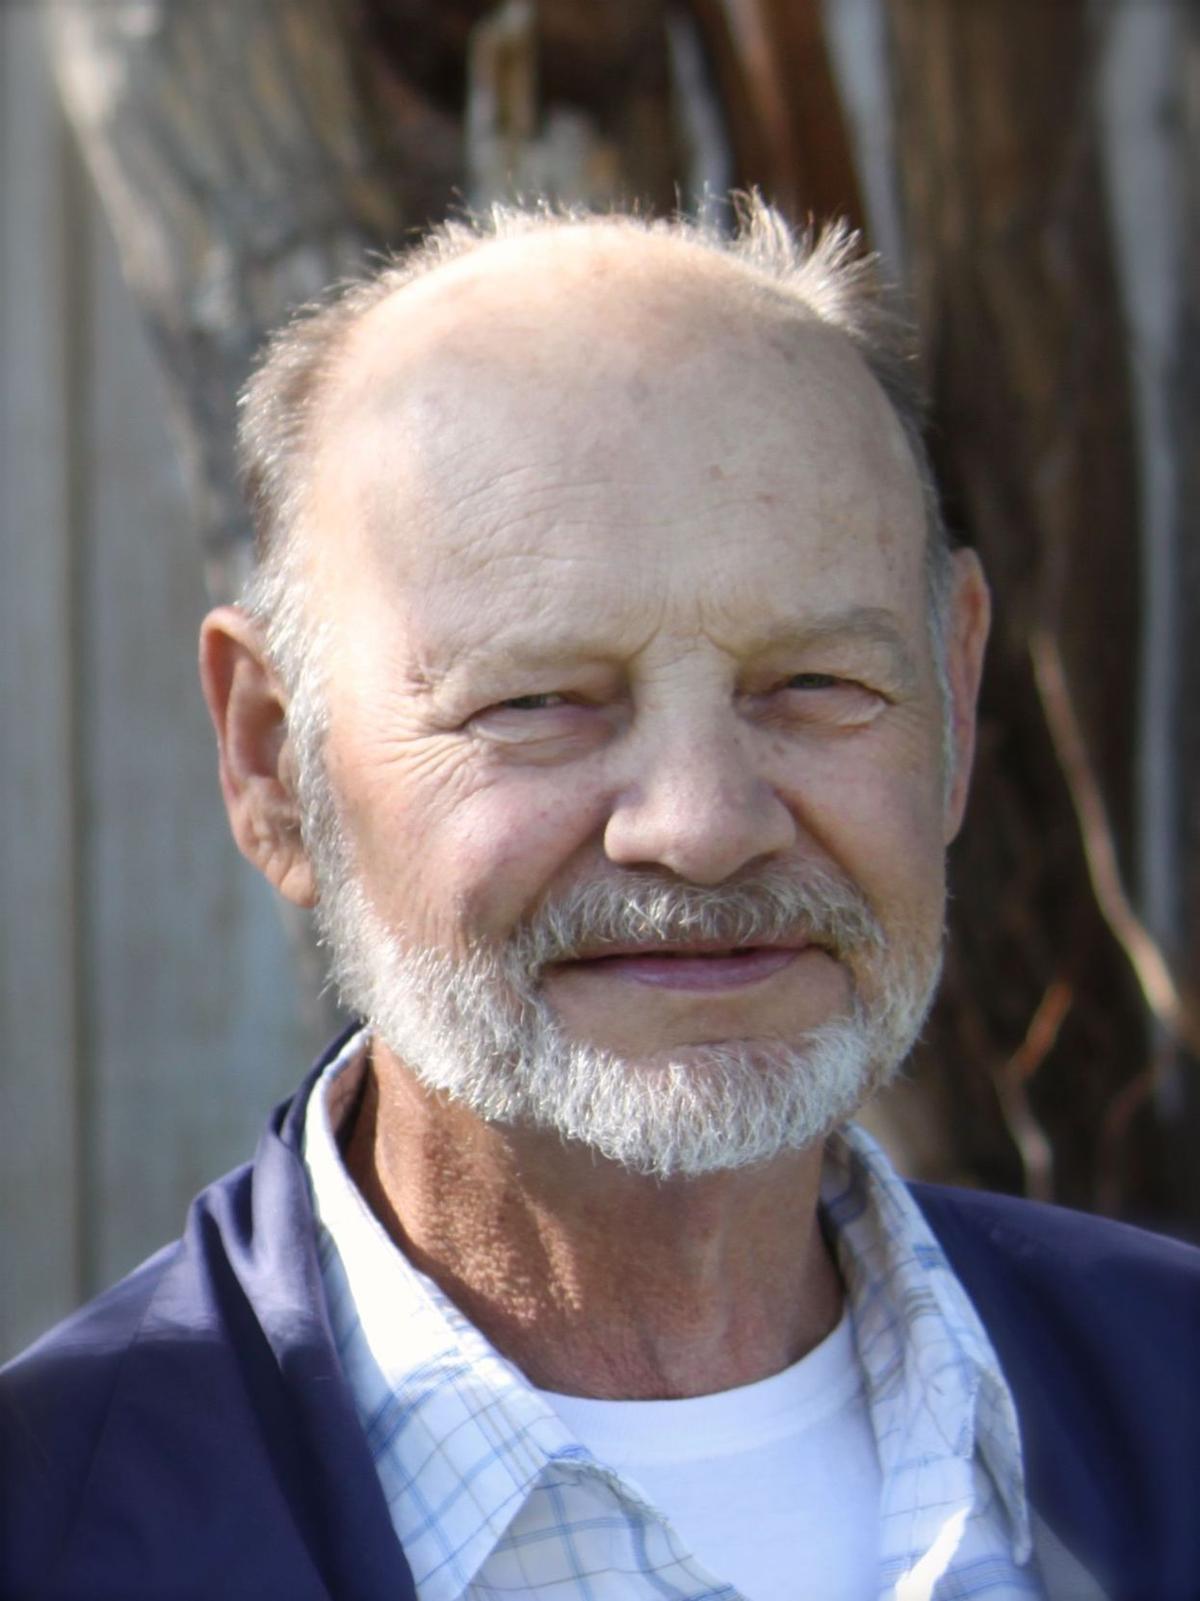 JOSEPH RANDOLPH SMITH